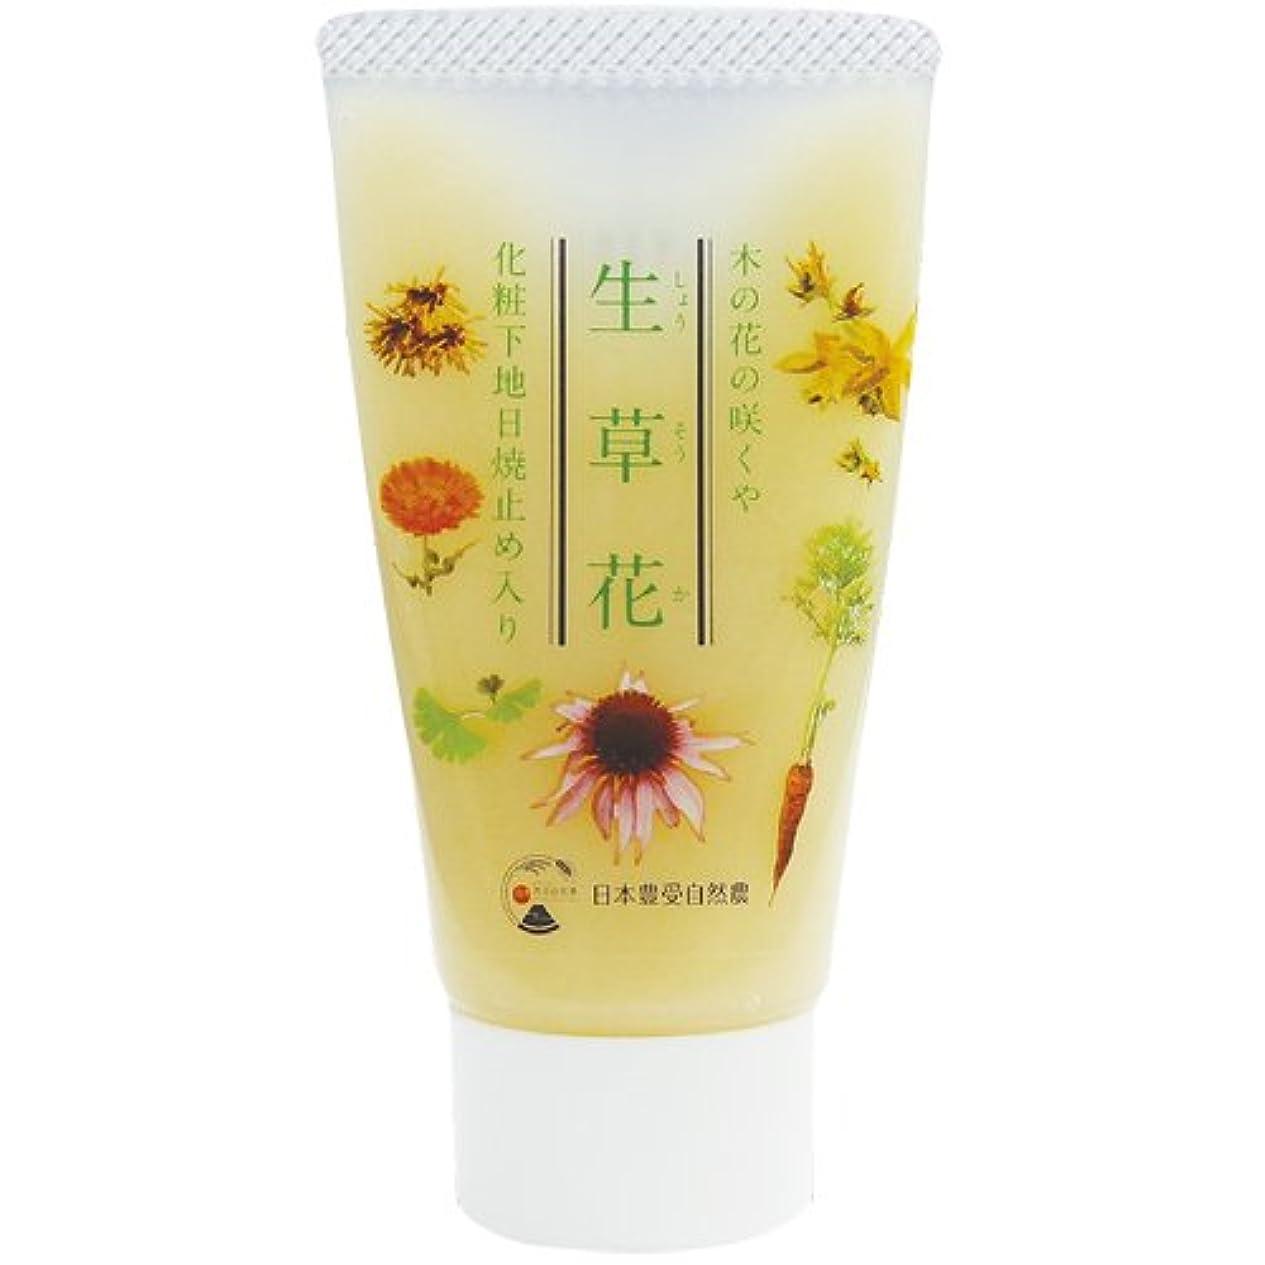 多用途しゃがむロマンチック日本豊受自然農 木の花の咲くや 生草花 化粧下地 日焼け止め入り 30g